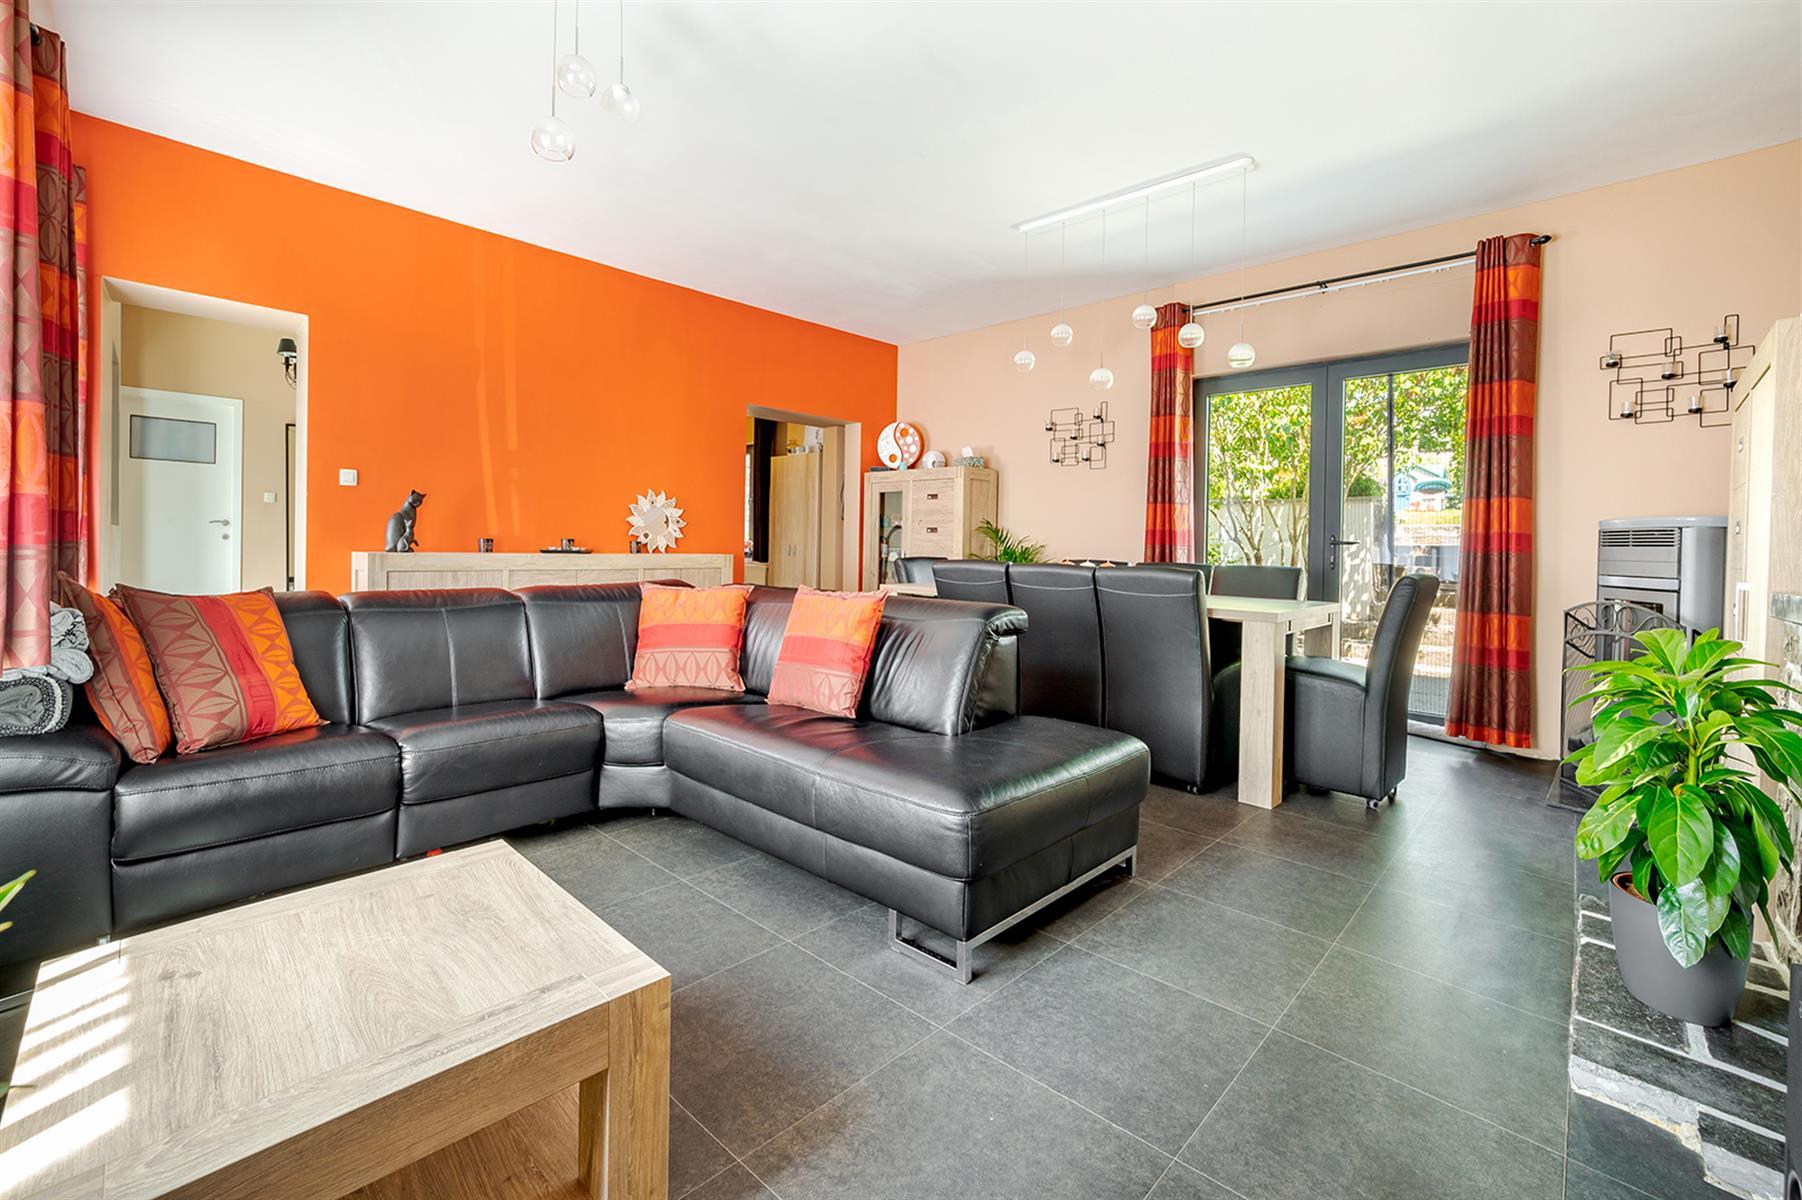 Maison - Villersle-Bouillet Warnant-Dreye - #4392377-1